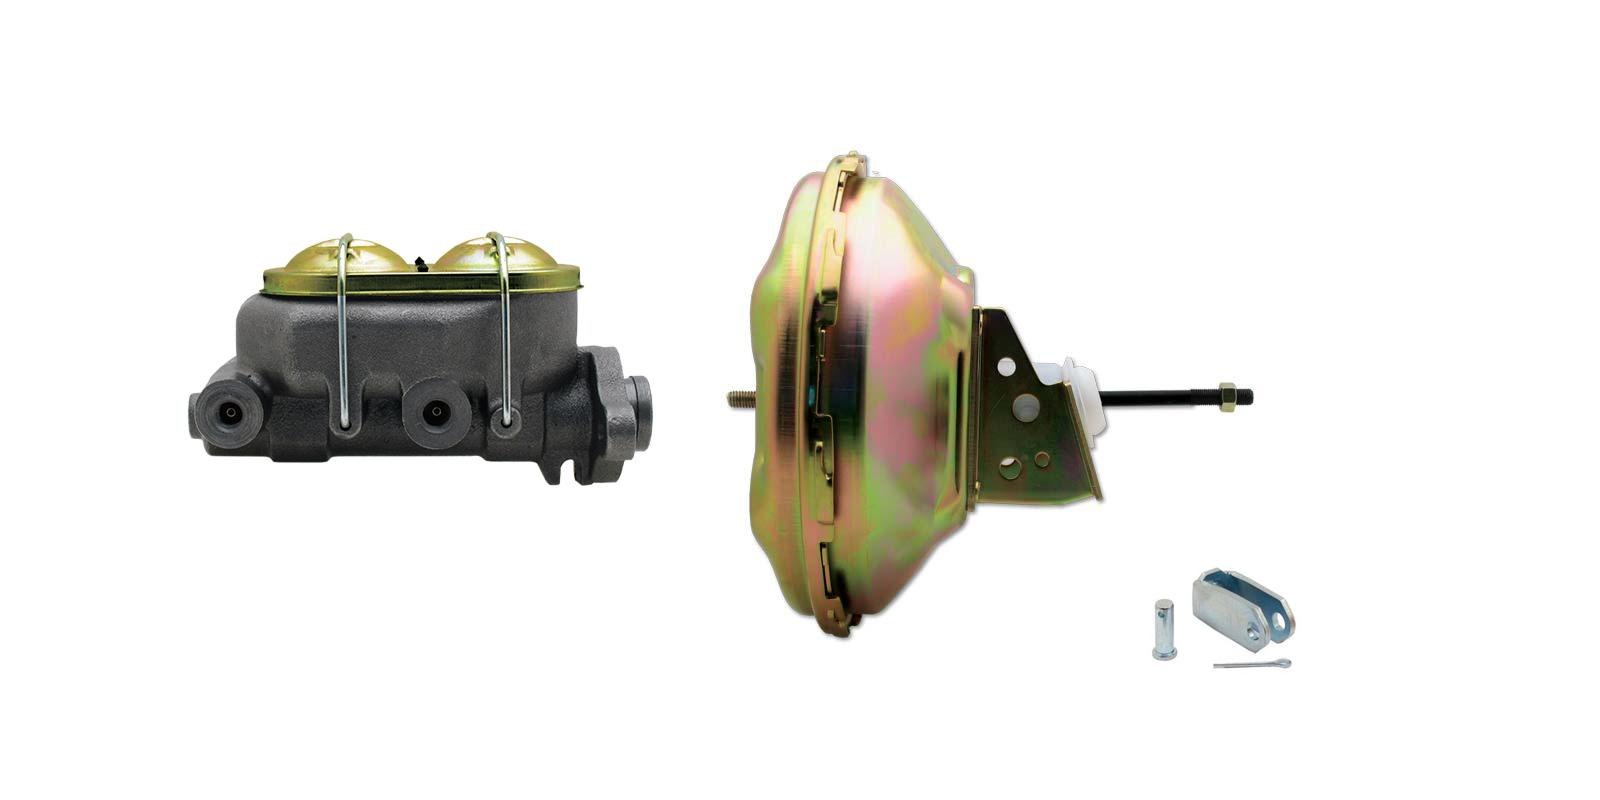 1964-1972 GM A, F, X Delco Moraine Booster Conversion Kit